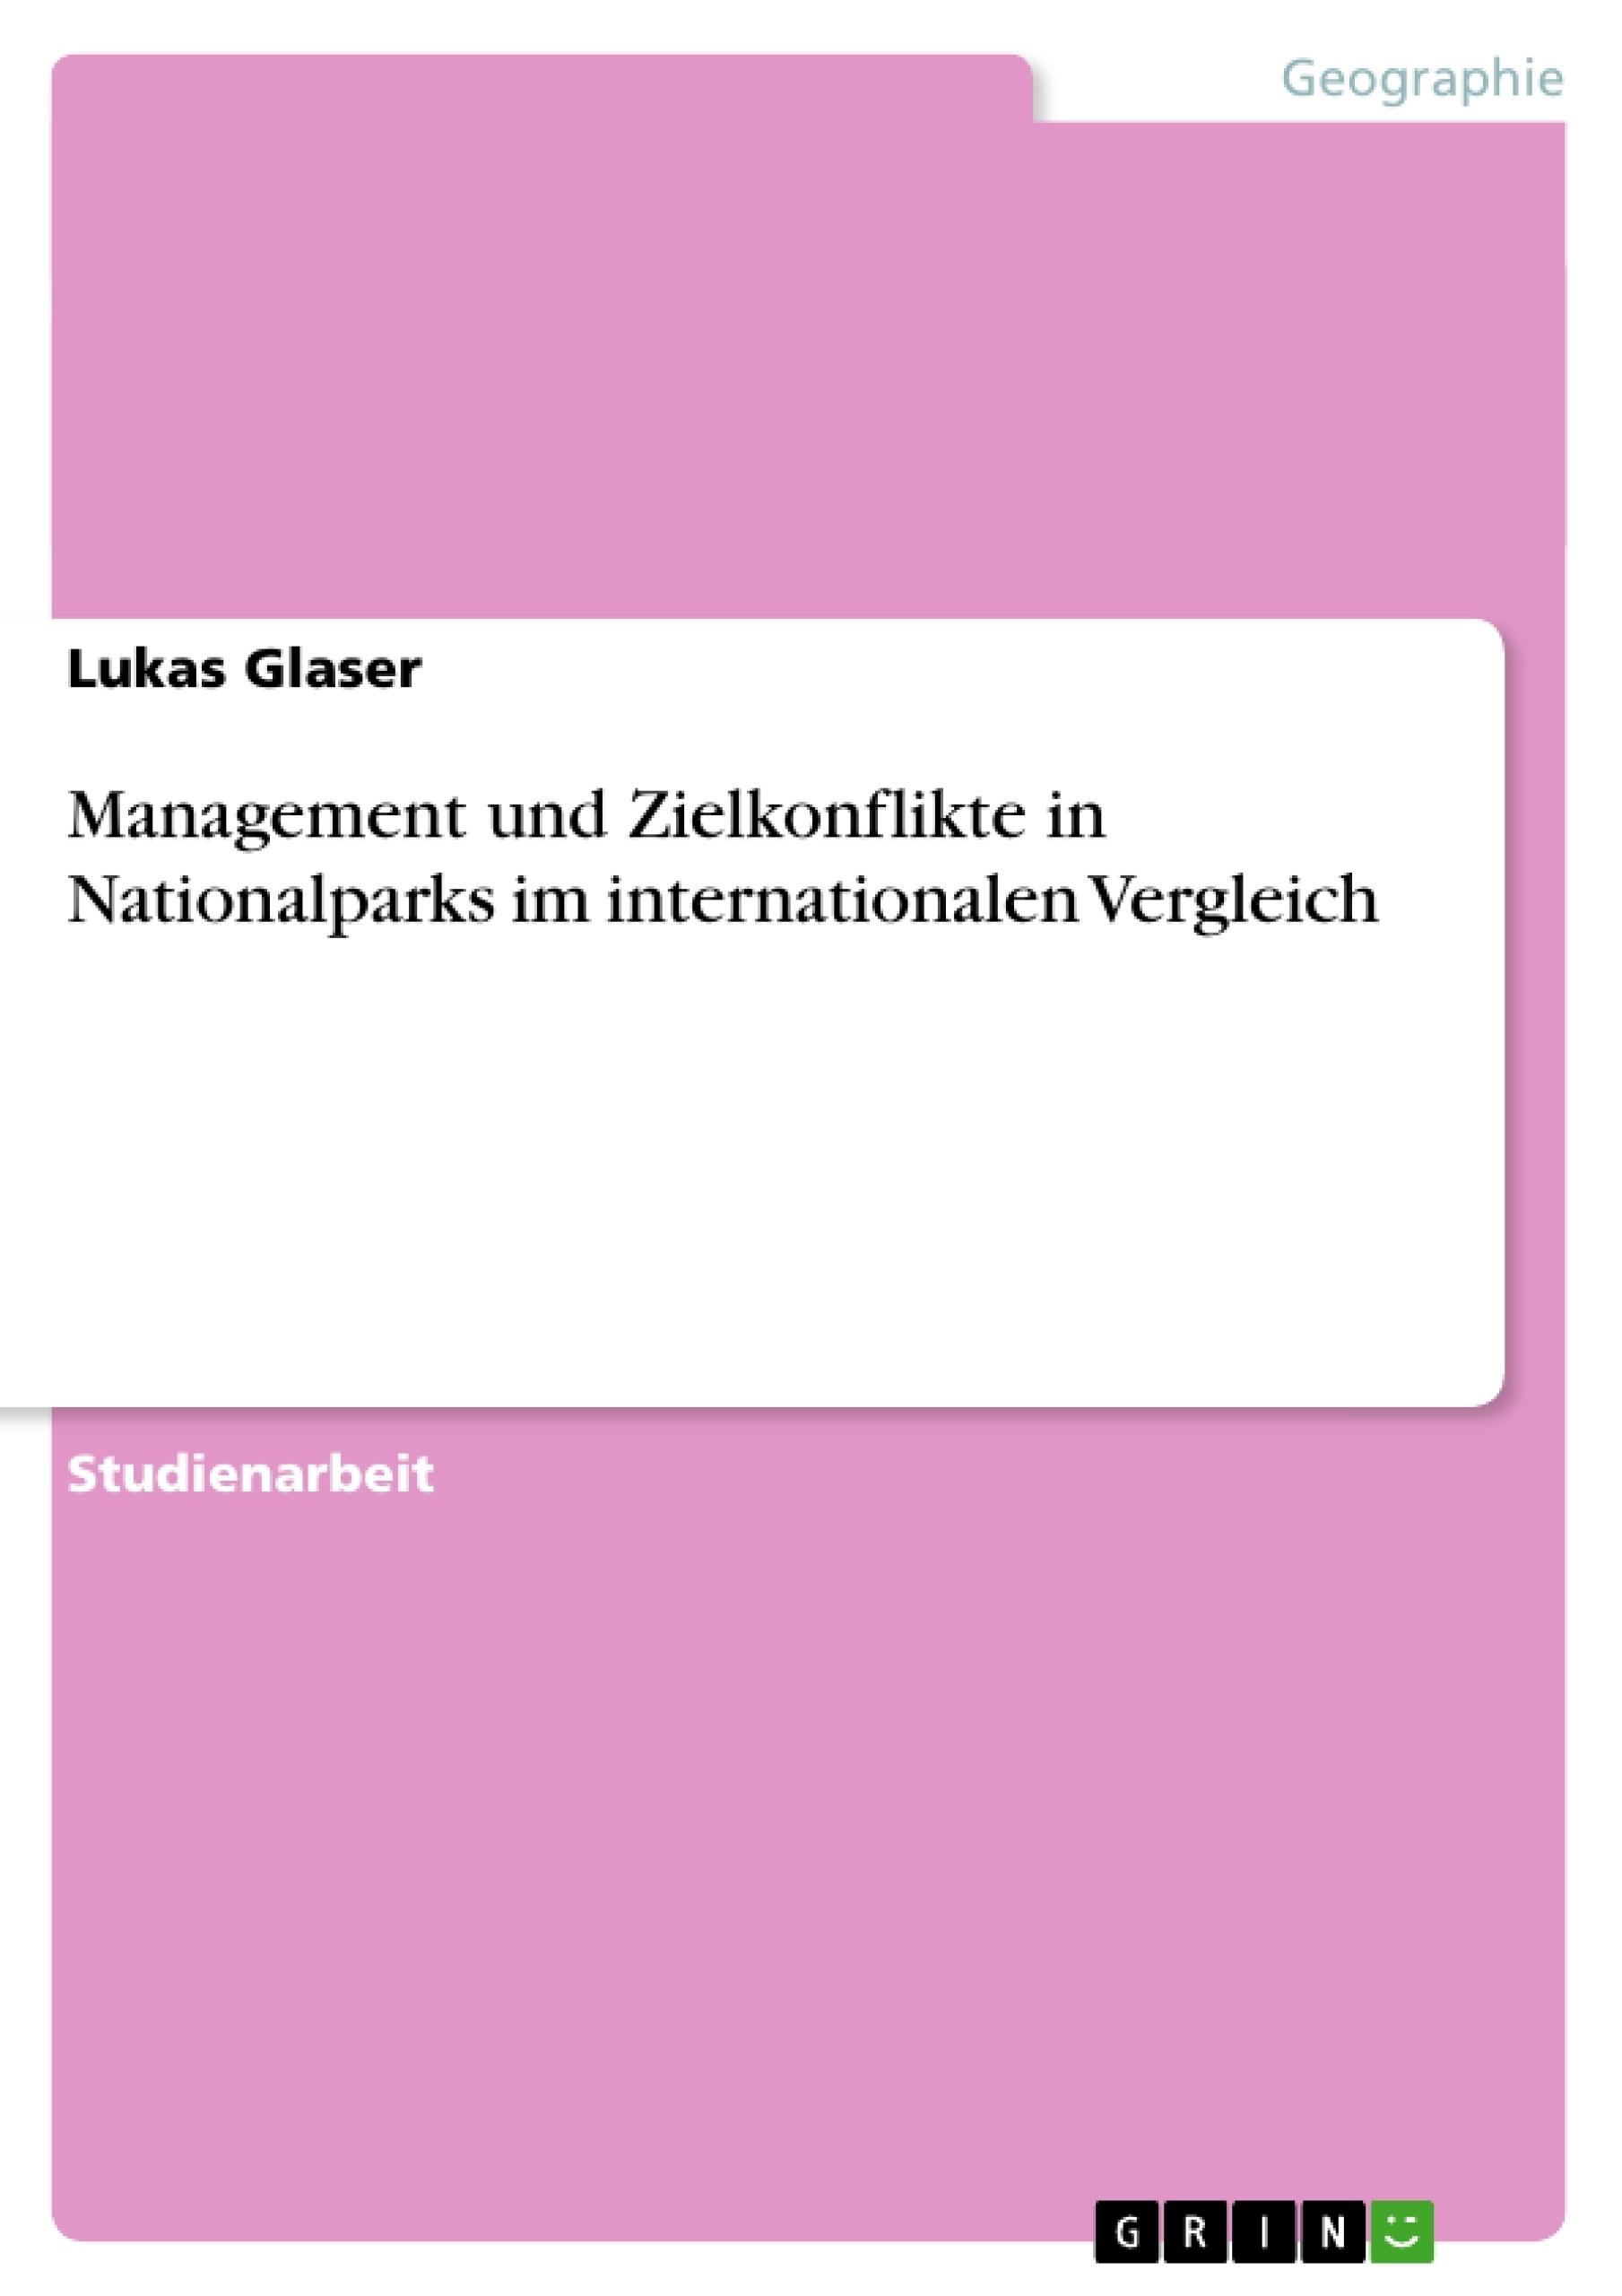 Titel: Management und Zielkonflikte in Nationalparks im internationalen Vergleich